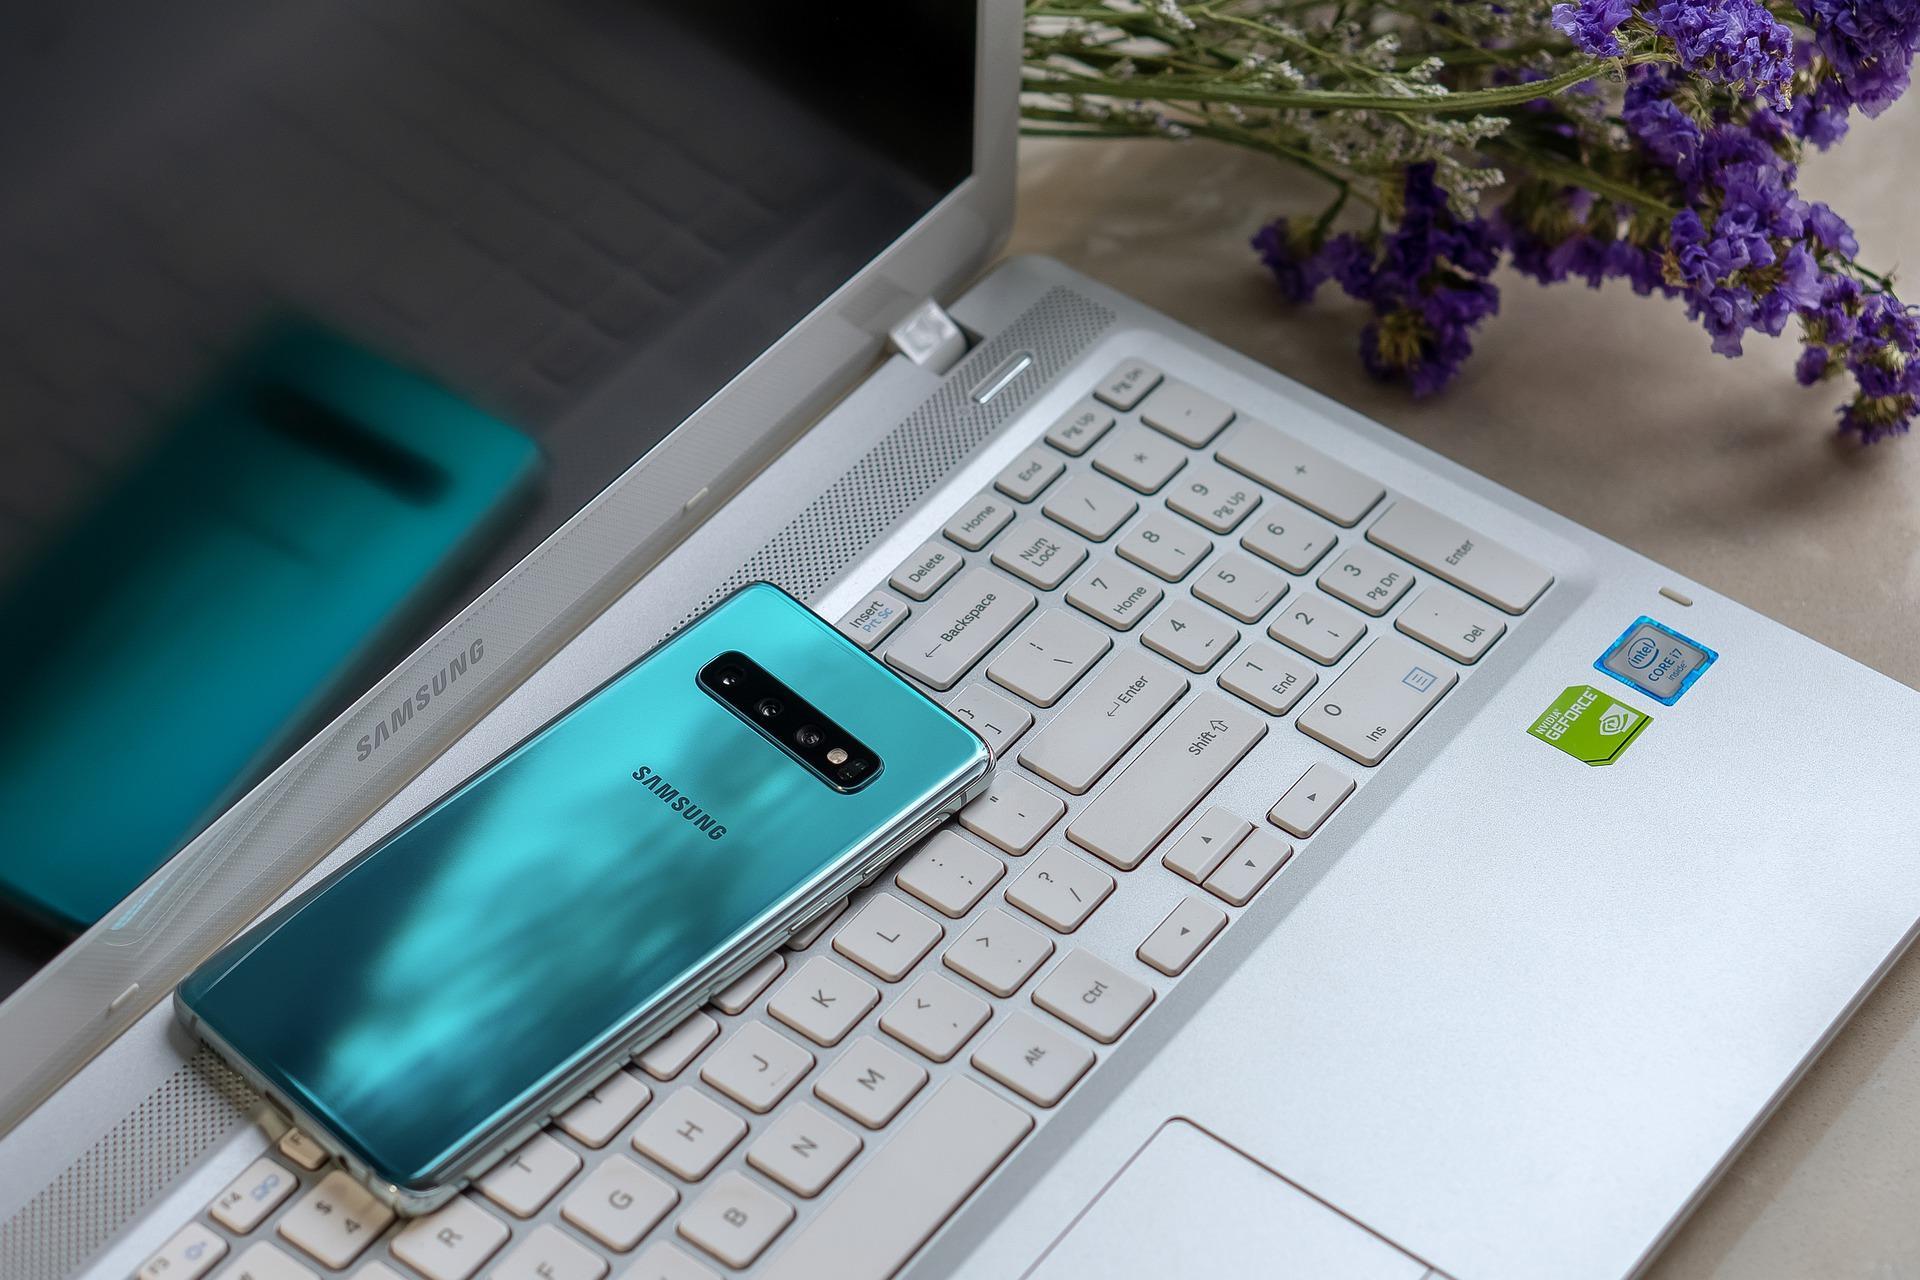 Смартфоны Samsung опасно покупать срук. Раскрываем схему мошенничества